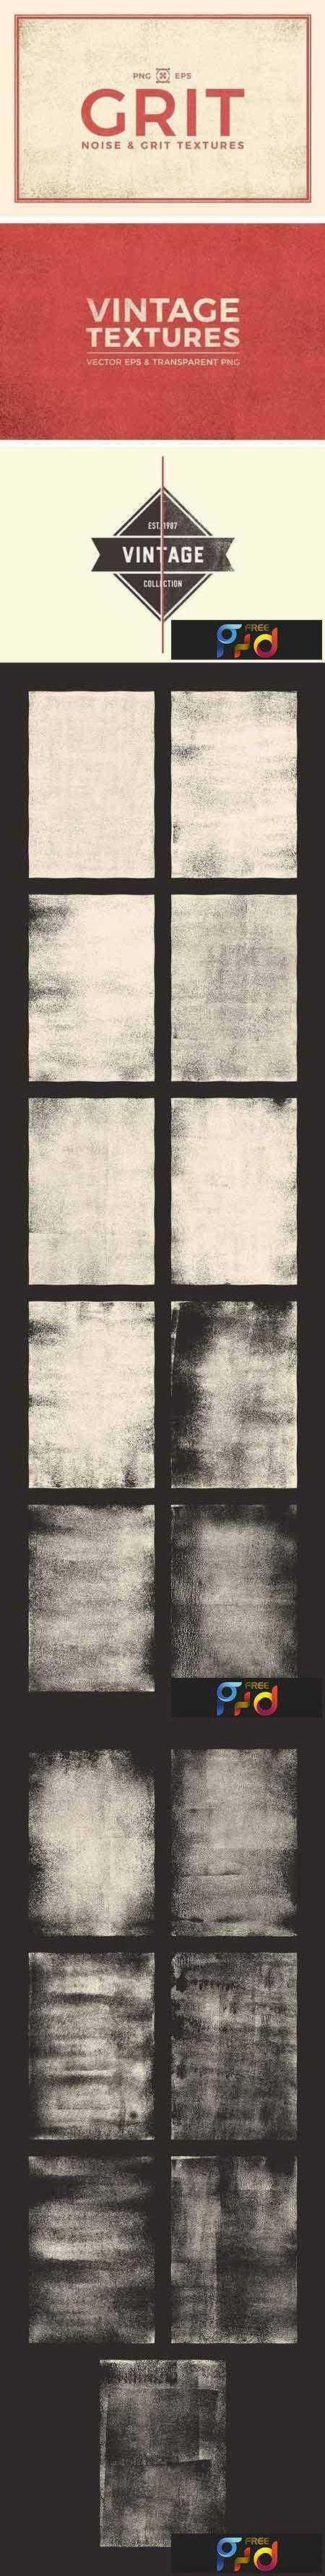 1803111 Noise & Grit Textures 1979164 - FreePSDvn